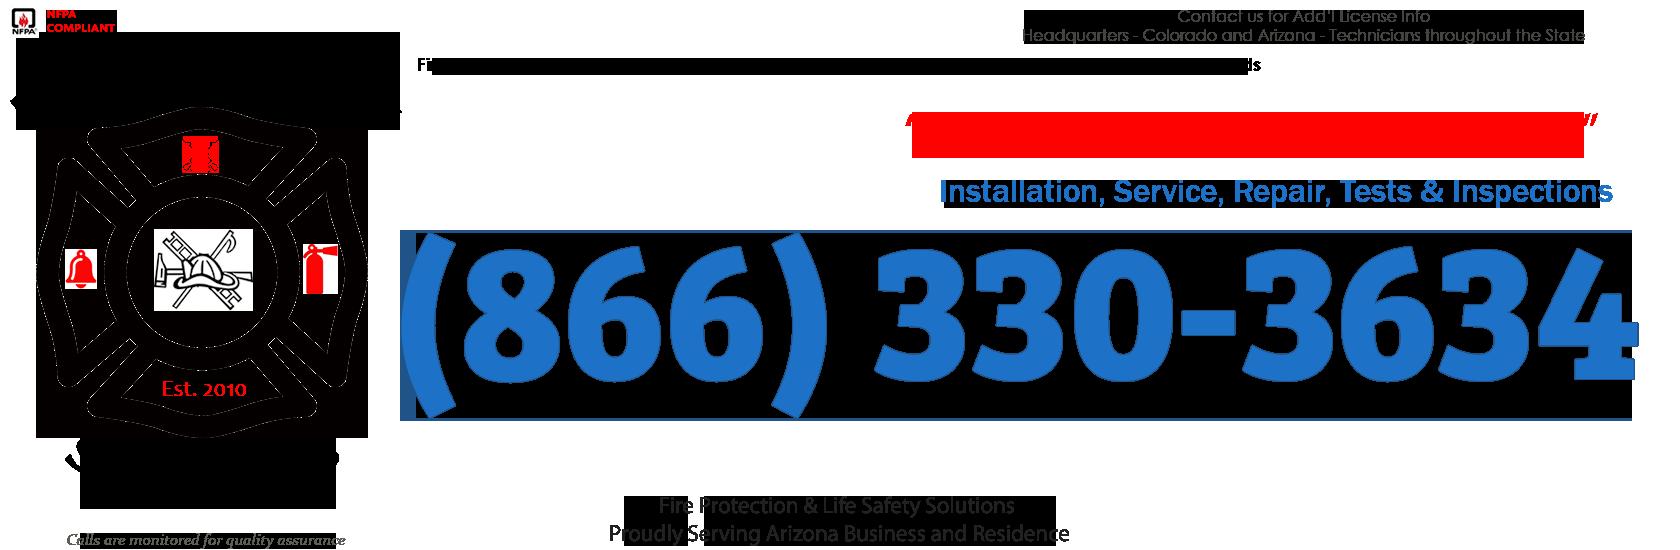 Lake Havasu, Arizona Fire Sprinkler Service Company